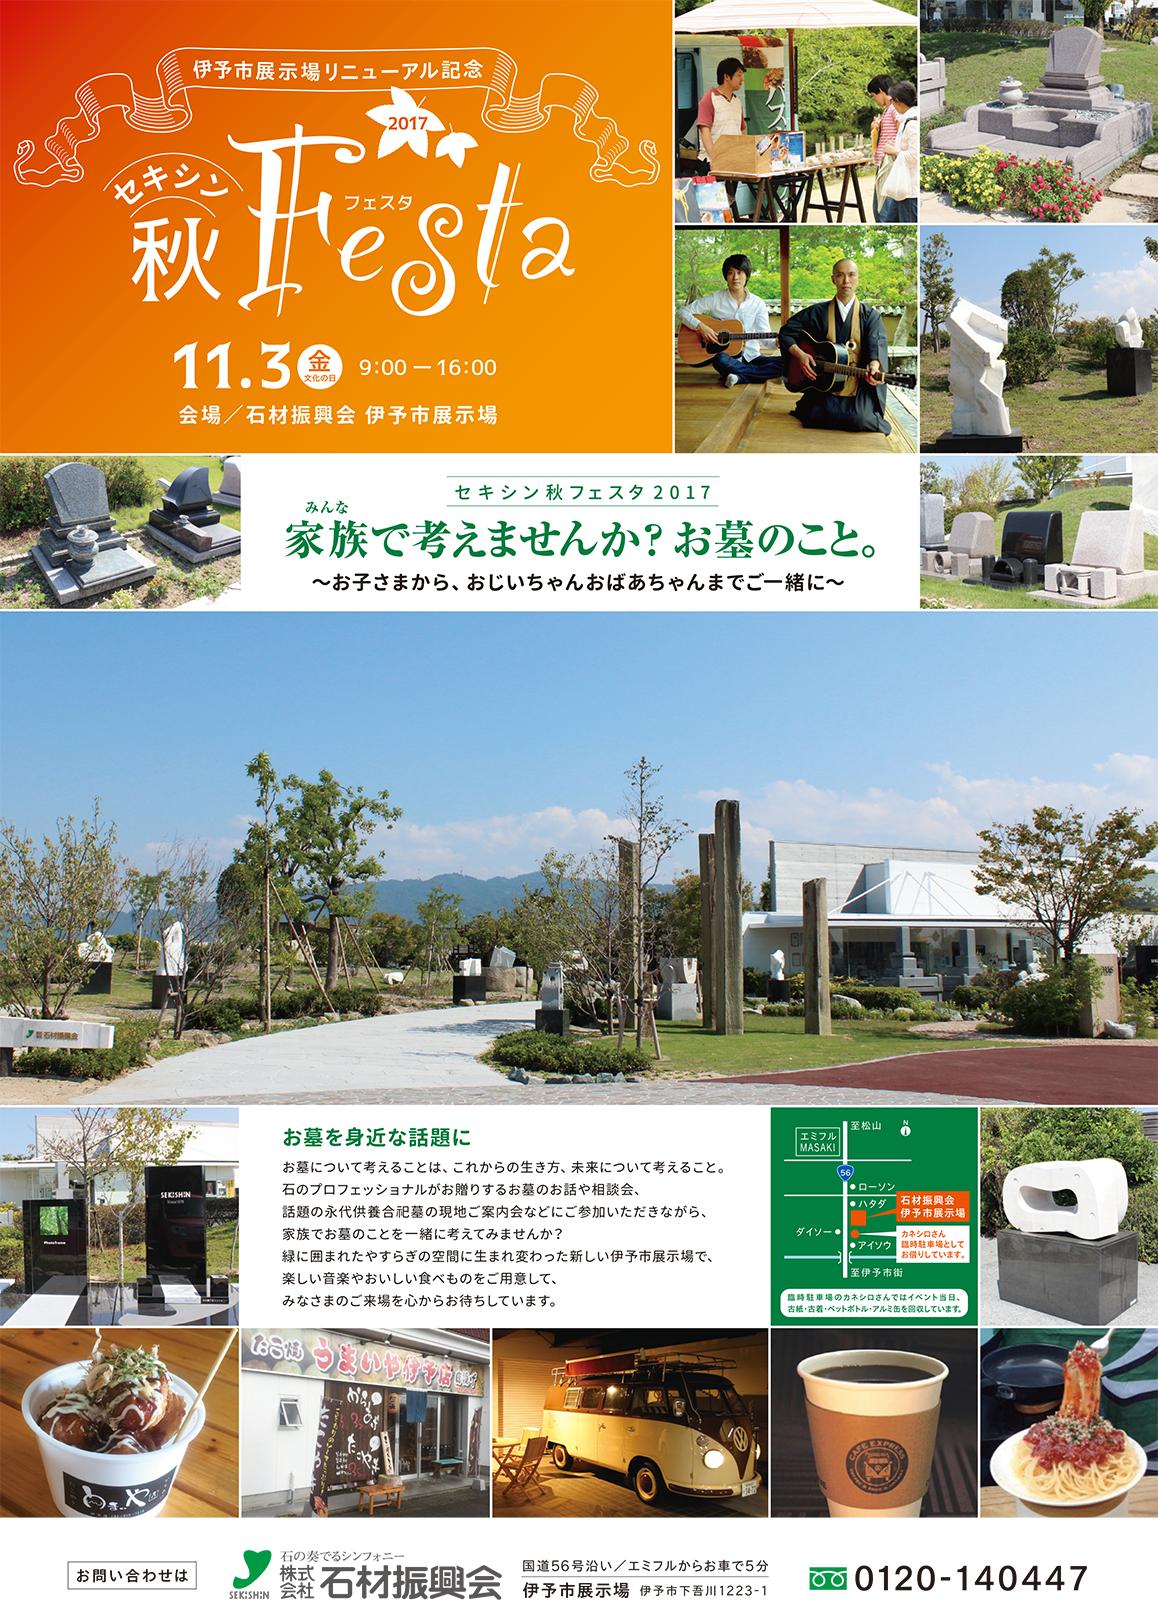 11/3(金・祝)【愛媛】セキシン秋フェスタ・表